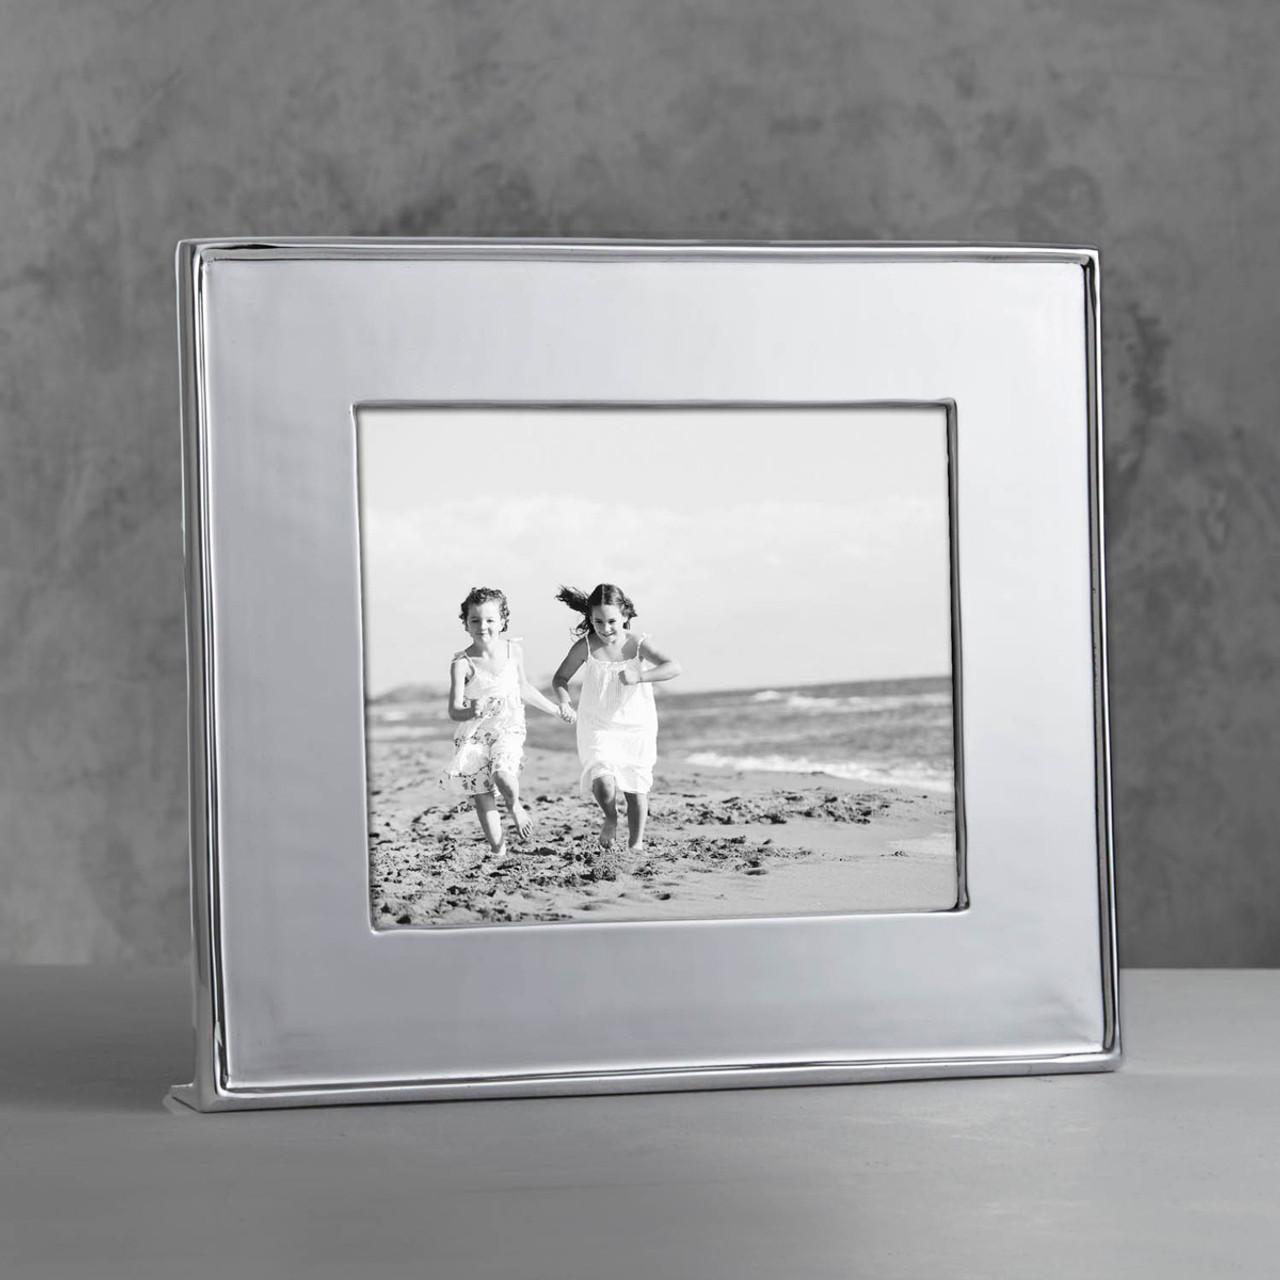 Beatriz Ball Jason Frame 8 x 10 (Engravable) - SignatureSpurs.com